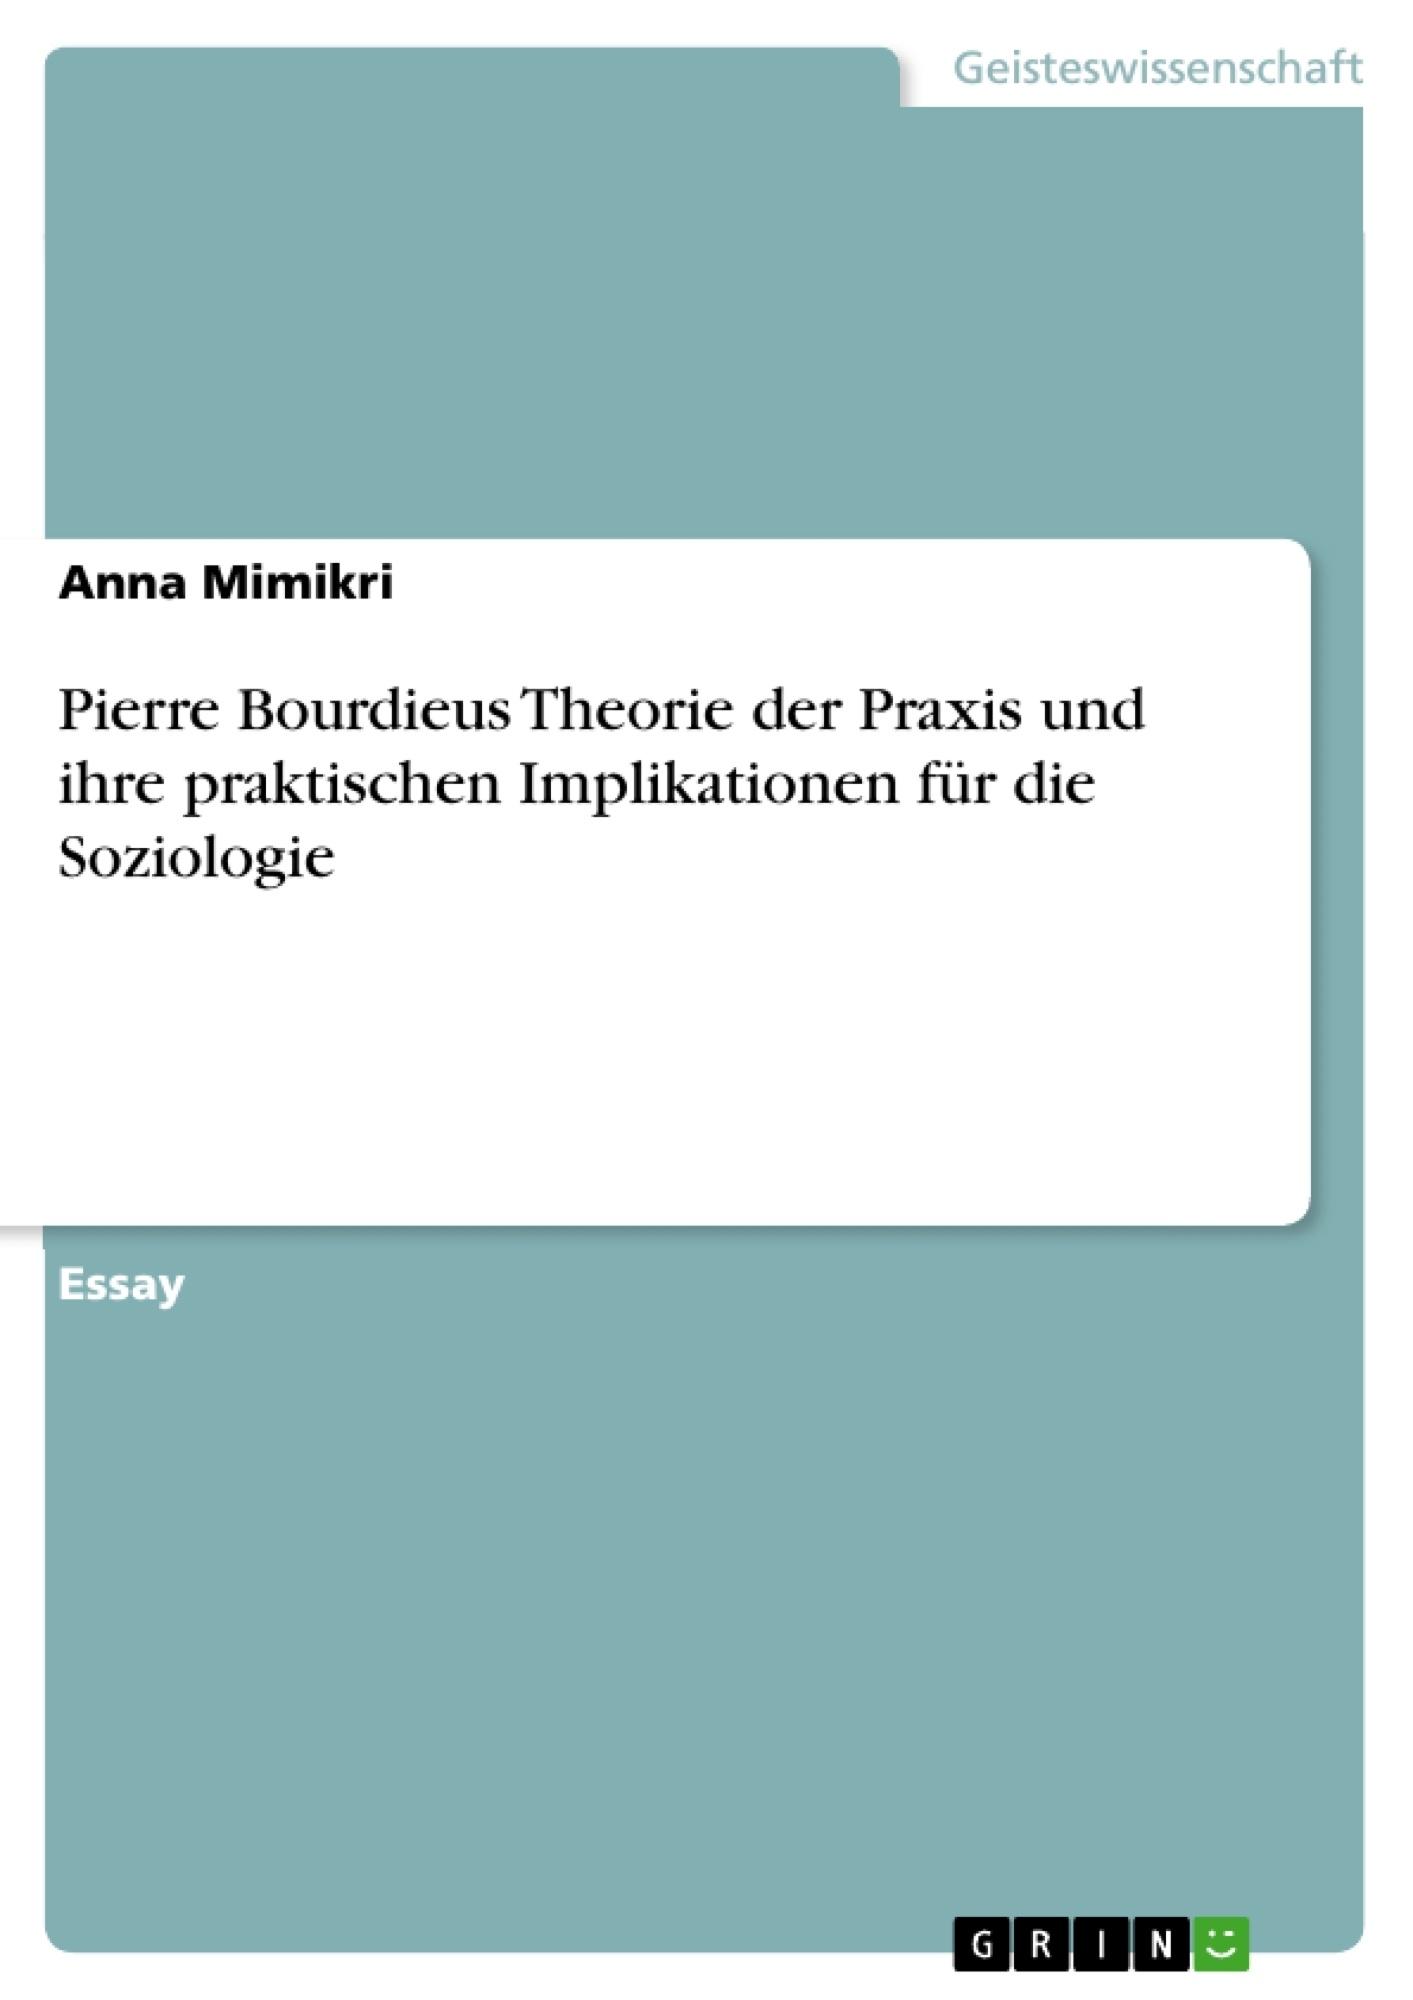 Titel: Pierre Bourdieus Theorie der Praxis und ihre praktischen Implikationen für die Soziologie